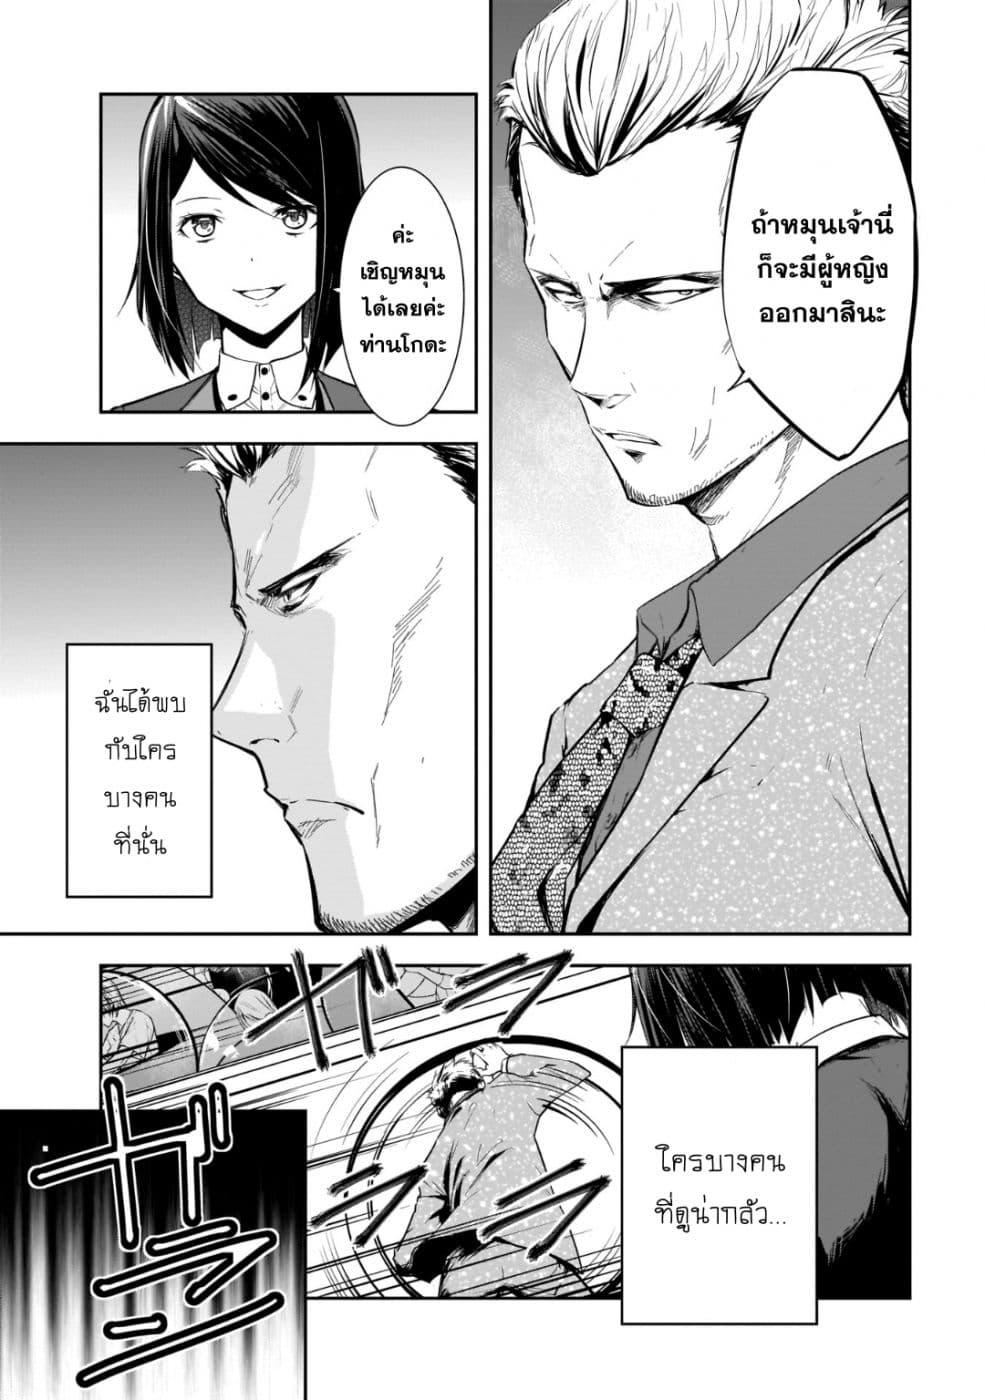 อ่านการ์ตูน Kanojo Gacha ตอนที่ 11 หน้าที่ 3